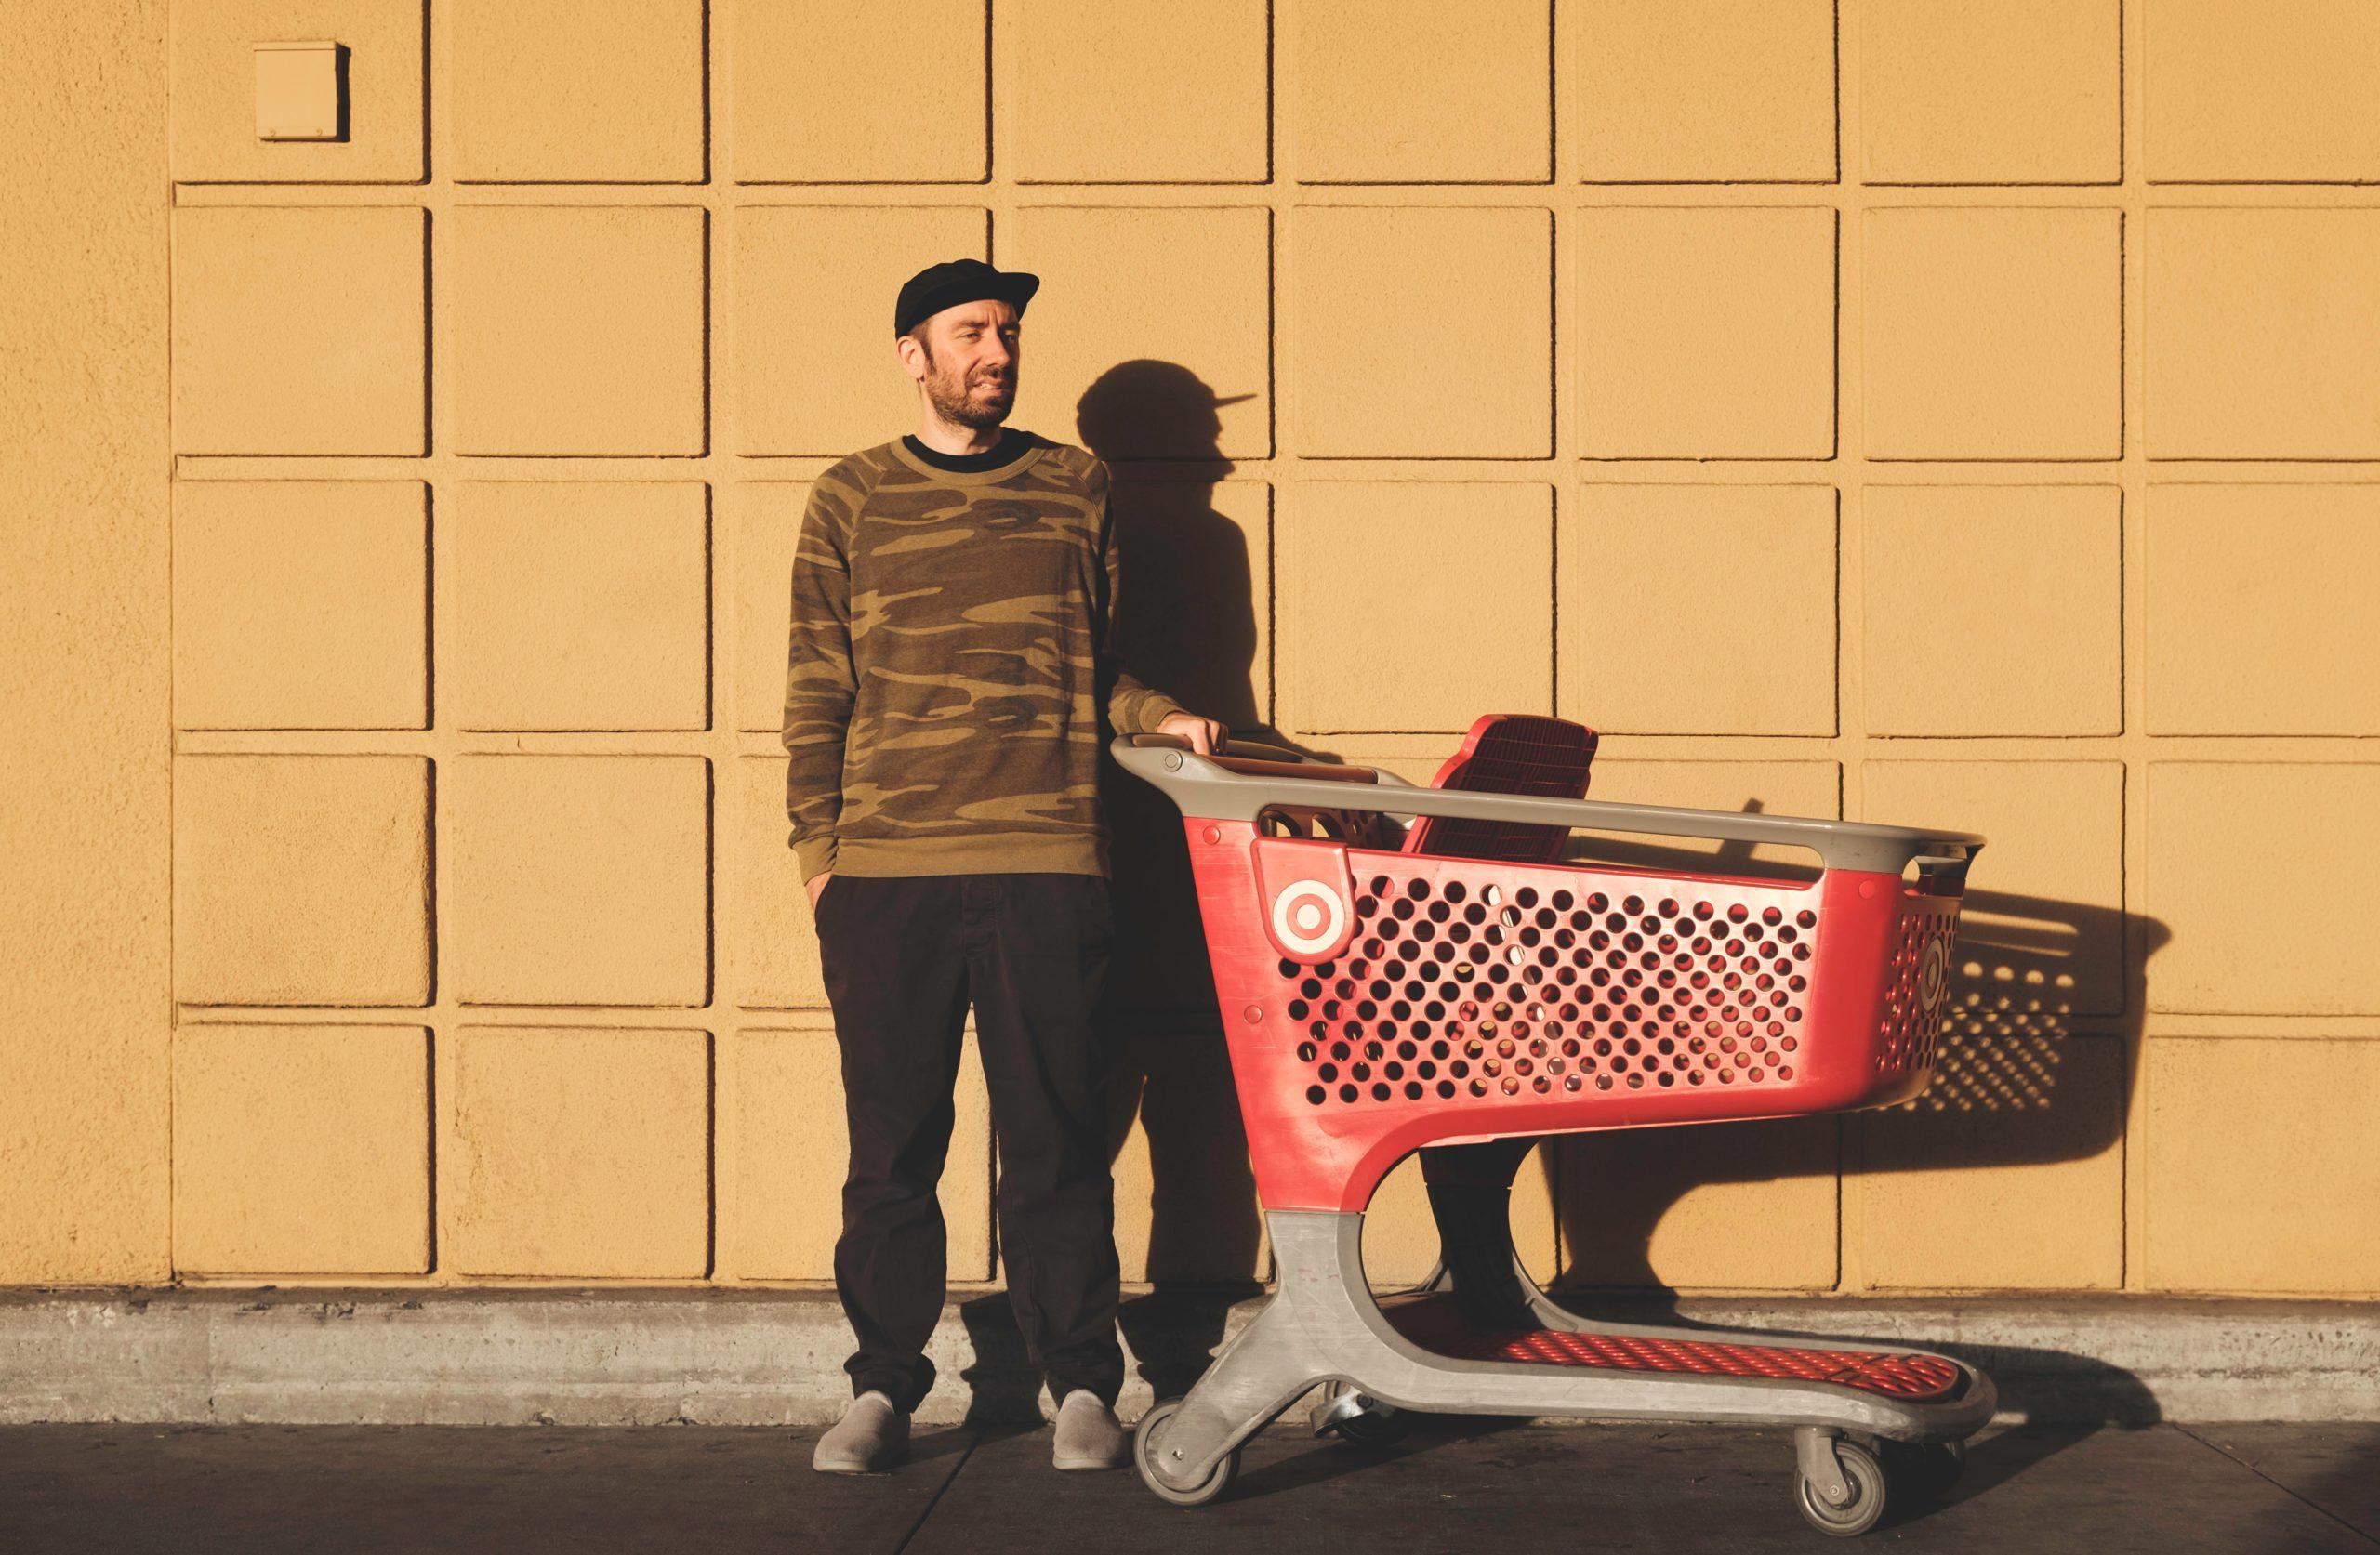 【買い物重い物ランキング】大変だけど生活する上で無くては困る物